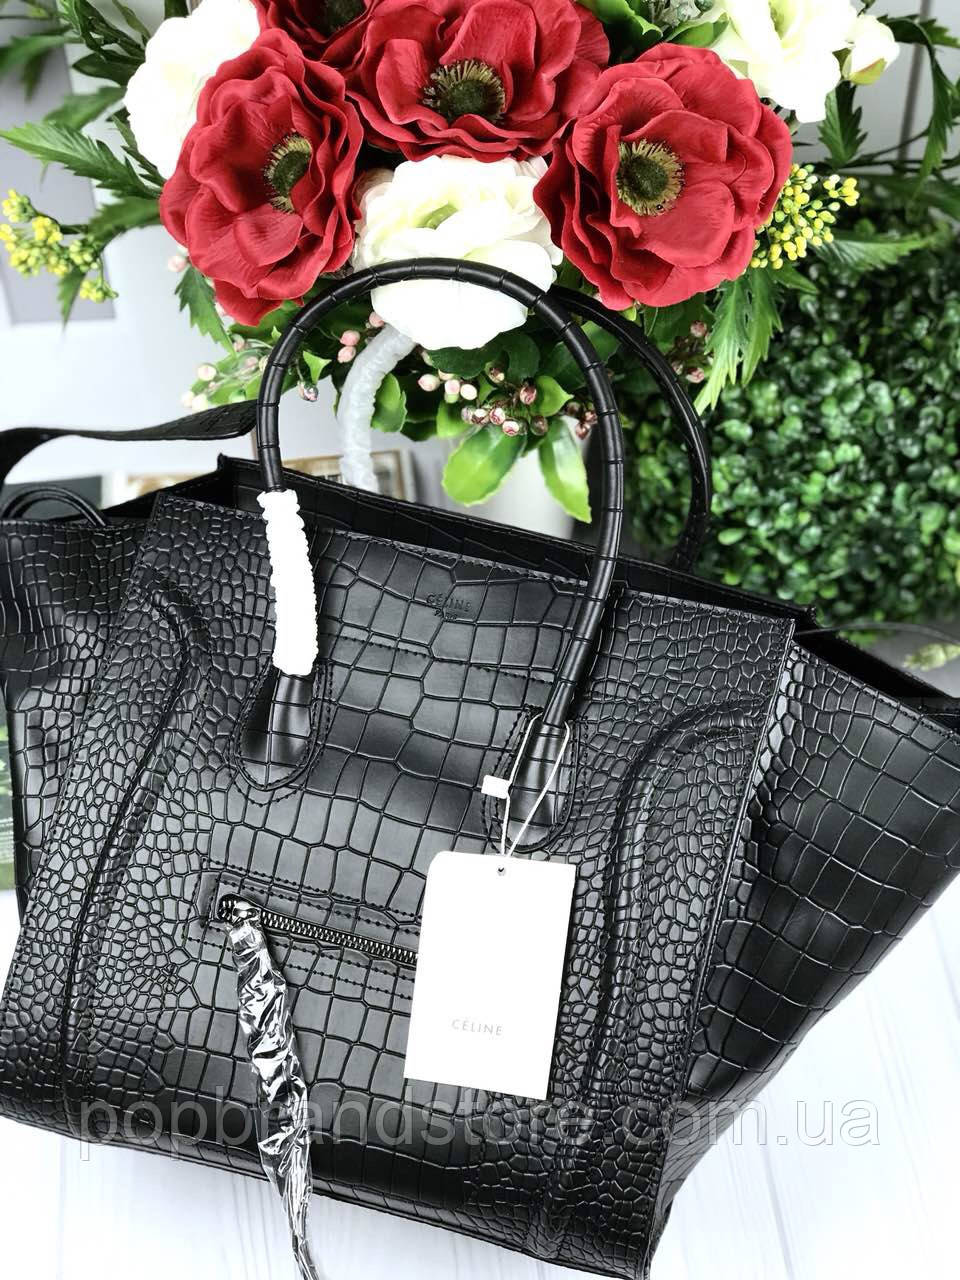 5abd5d4fd1d2 Брендовая женская сумка Celine Fantom натуральная кожа под крокодила  (реплика) - Pop Brand Store